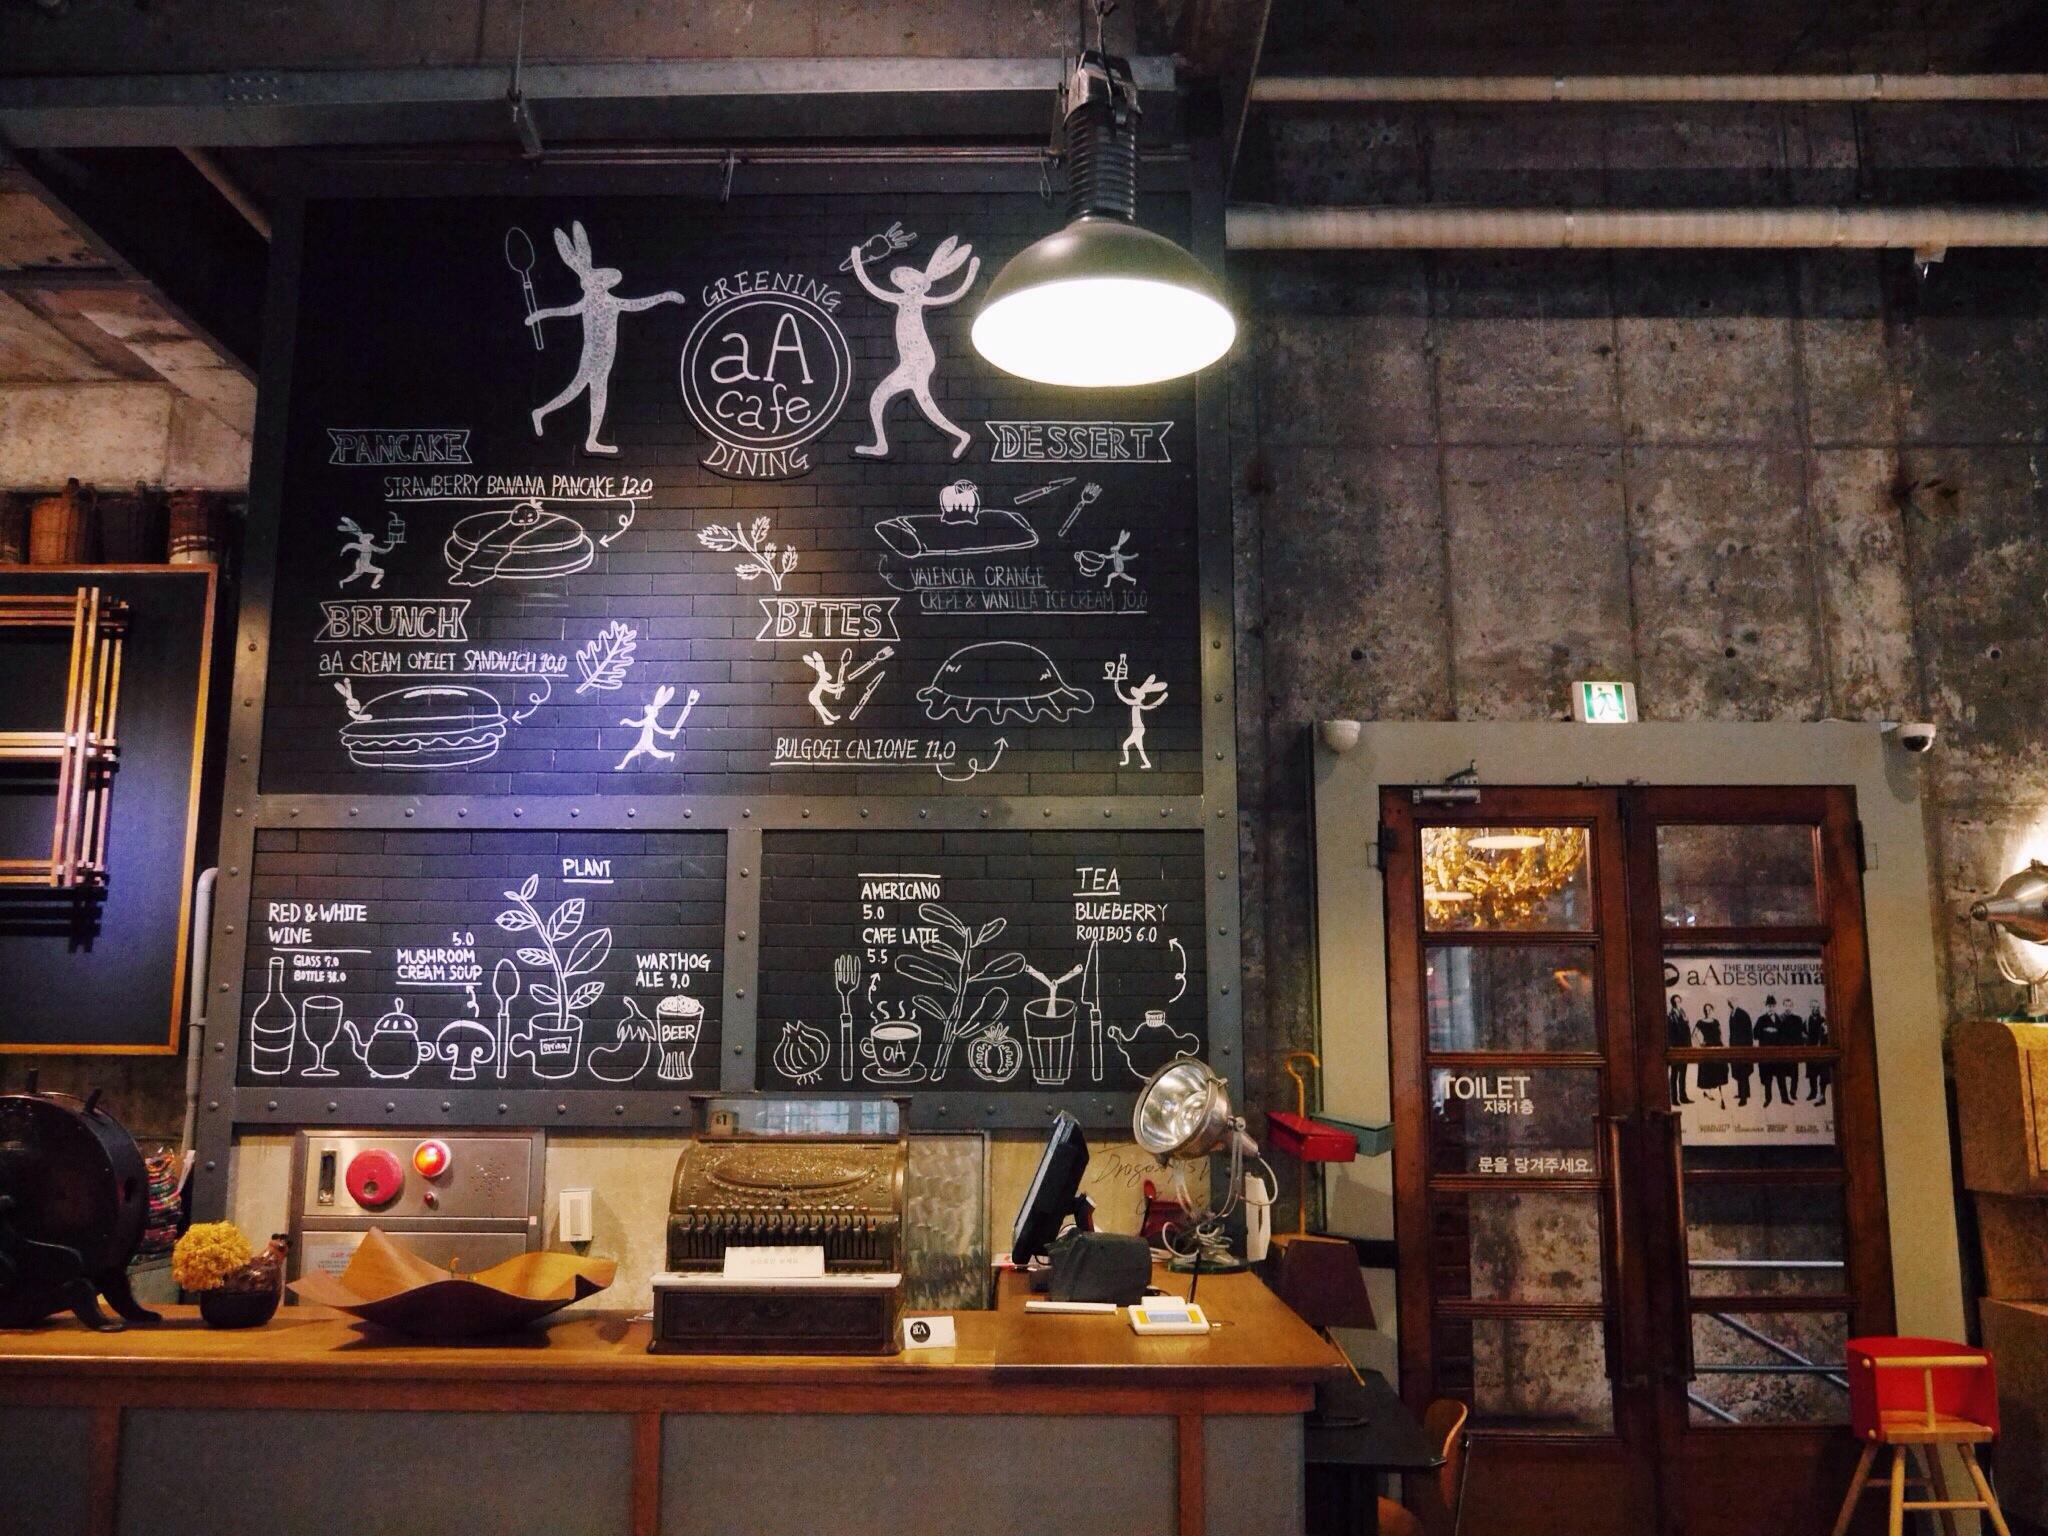 cafe aa design museum | 카페 aa 디자인 뮤지엄 – viktoria jean